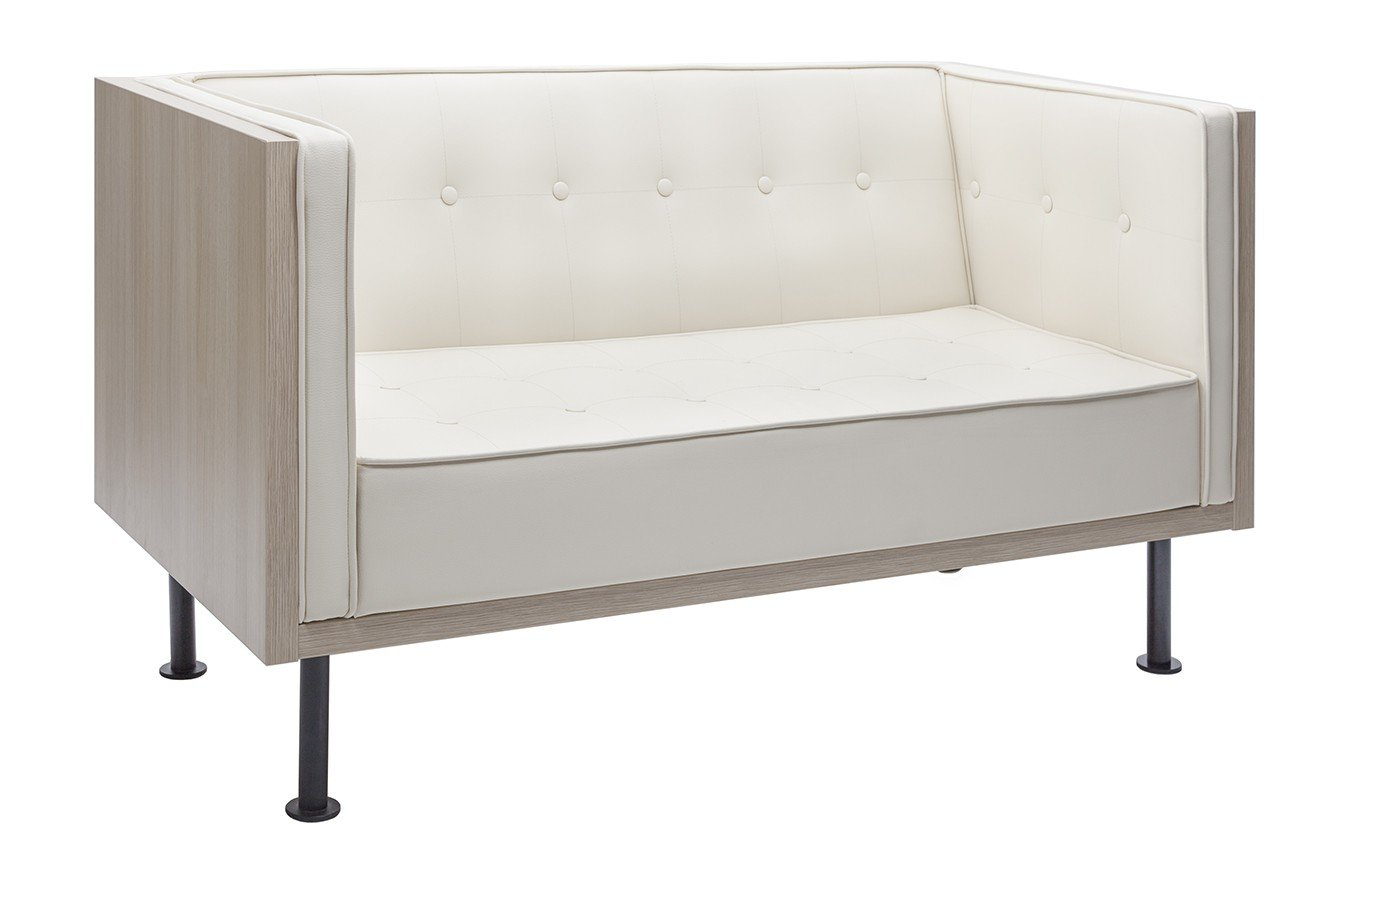 Designerska sofa z drewnianą obudową S4 Reft